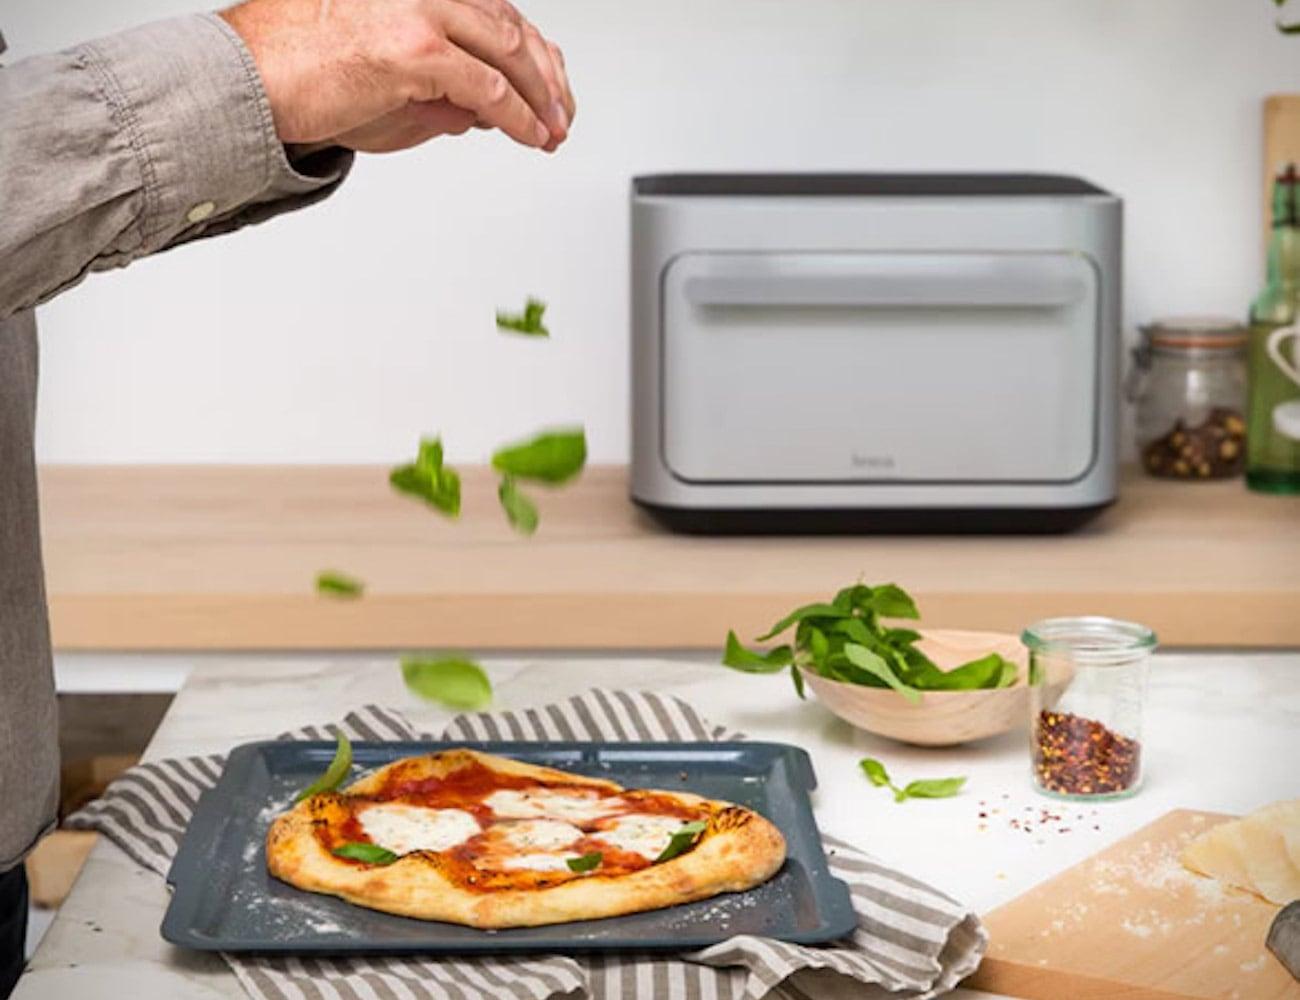 Brava Pure Light Countertop Oven